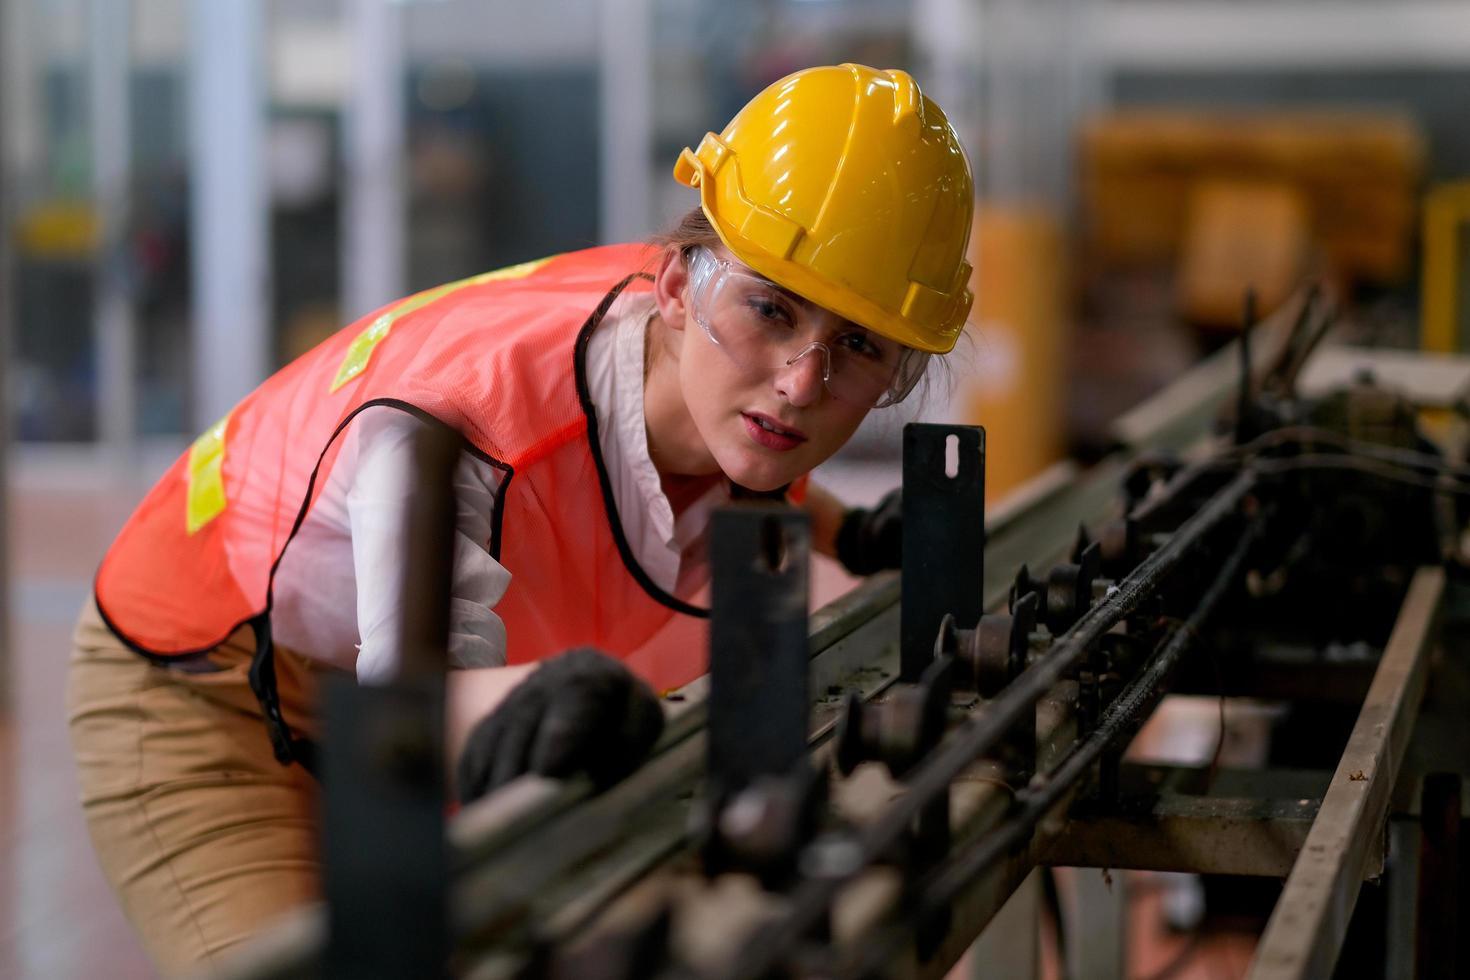 joven técnico femenino en piso de trabajo industrial foto